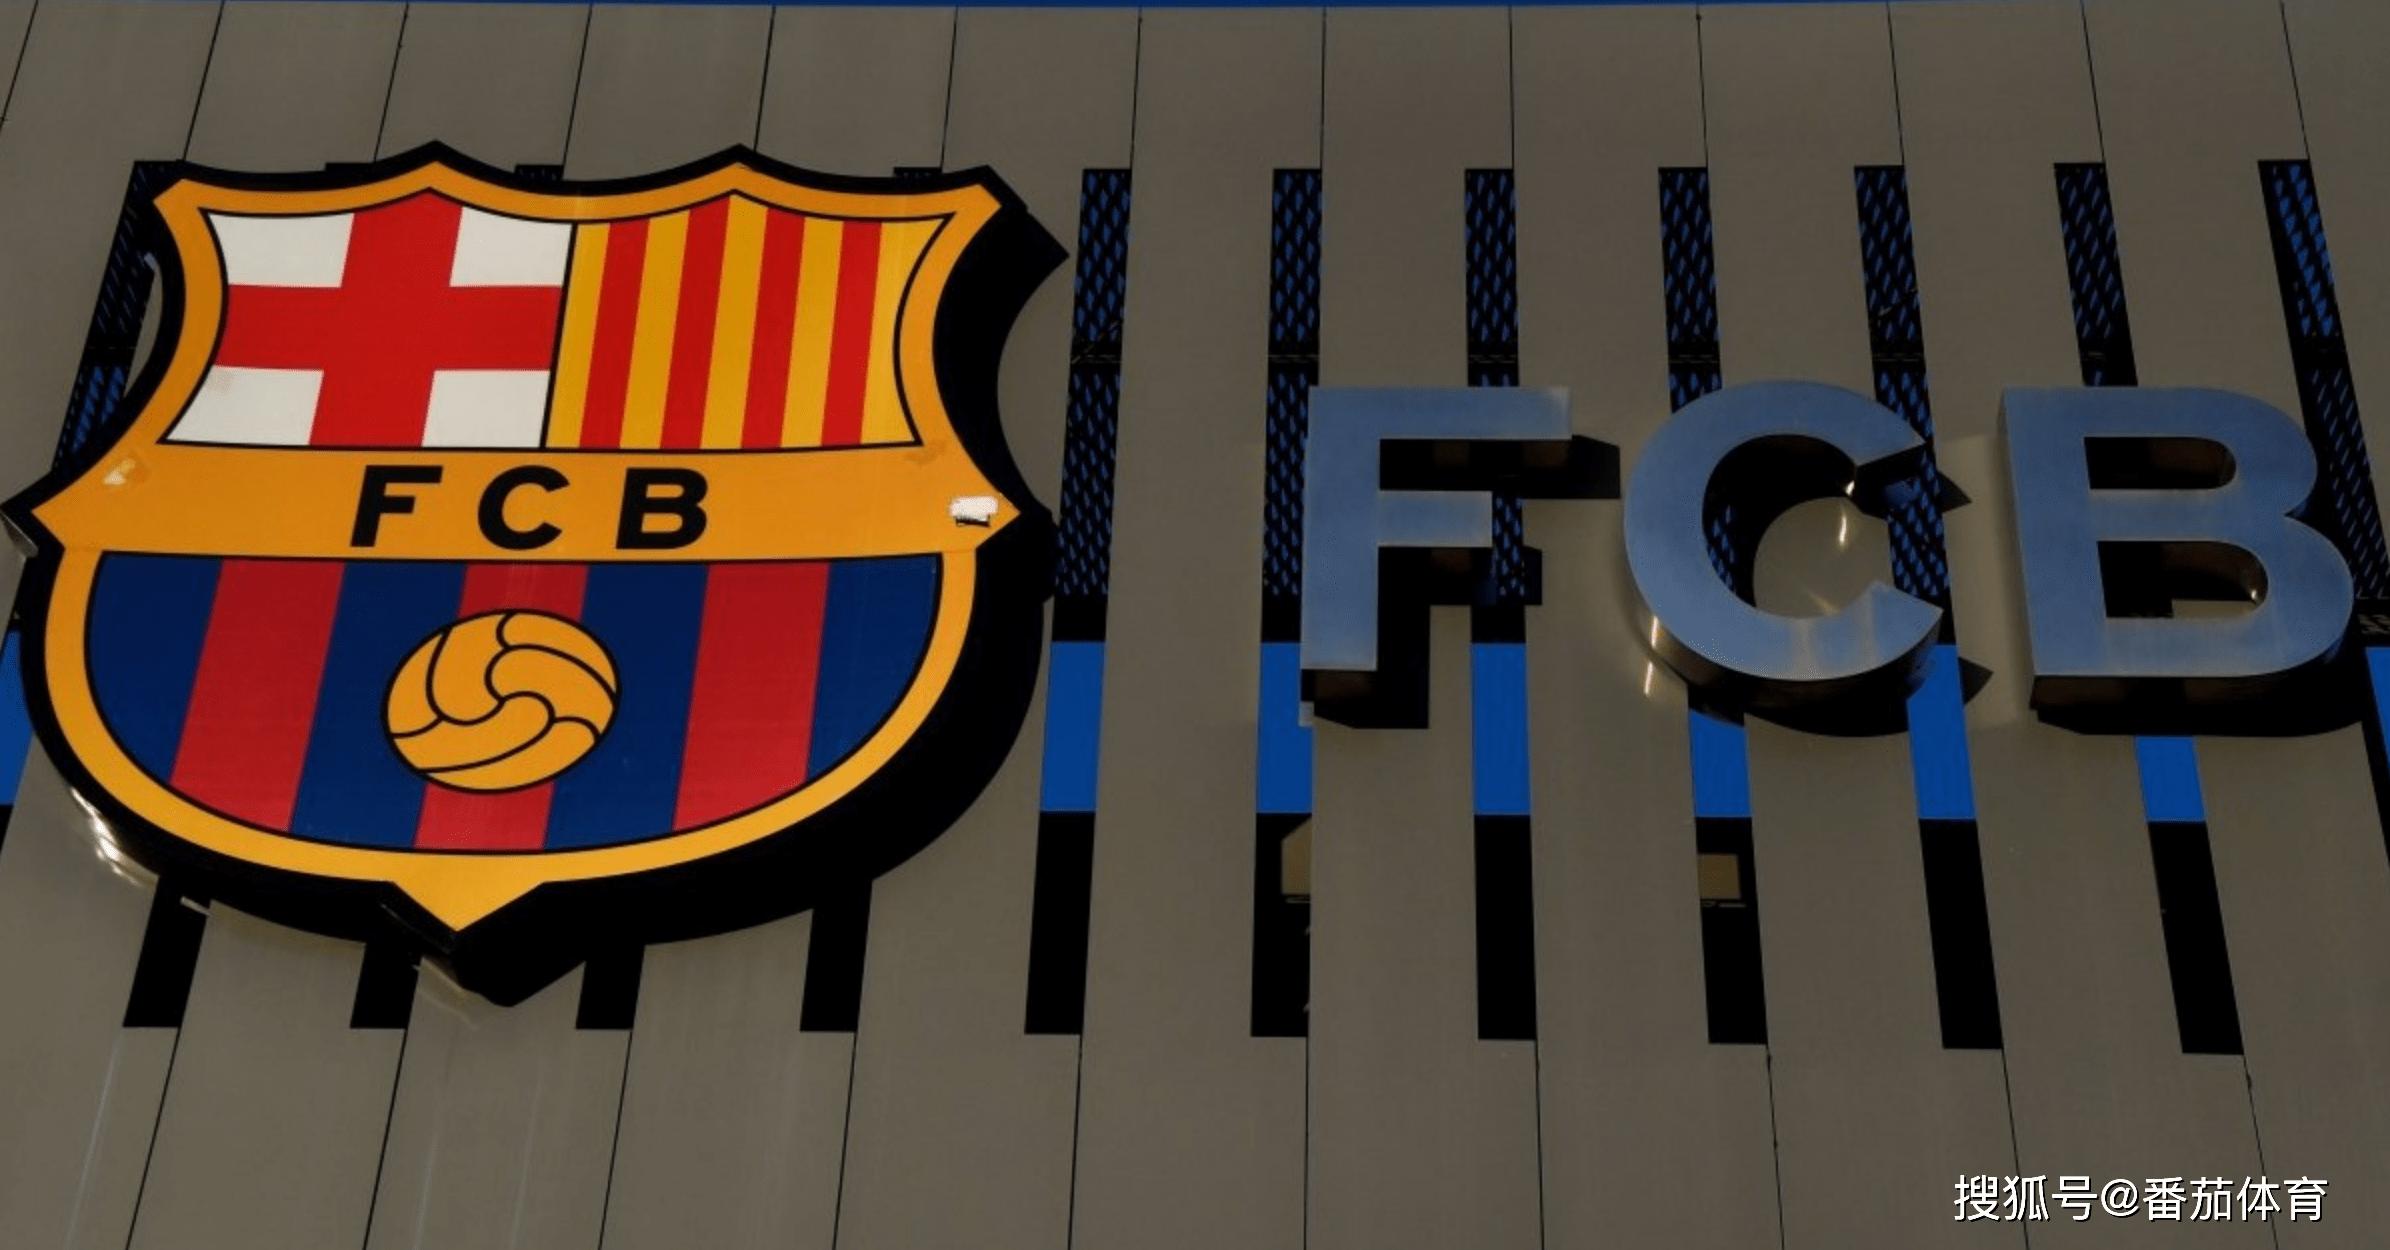 巴塞罗那官宣 已和球队就降薪达成共同